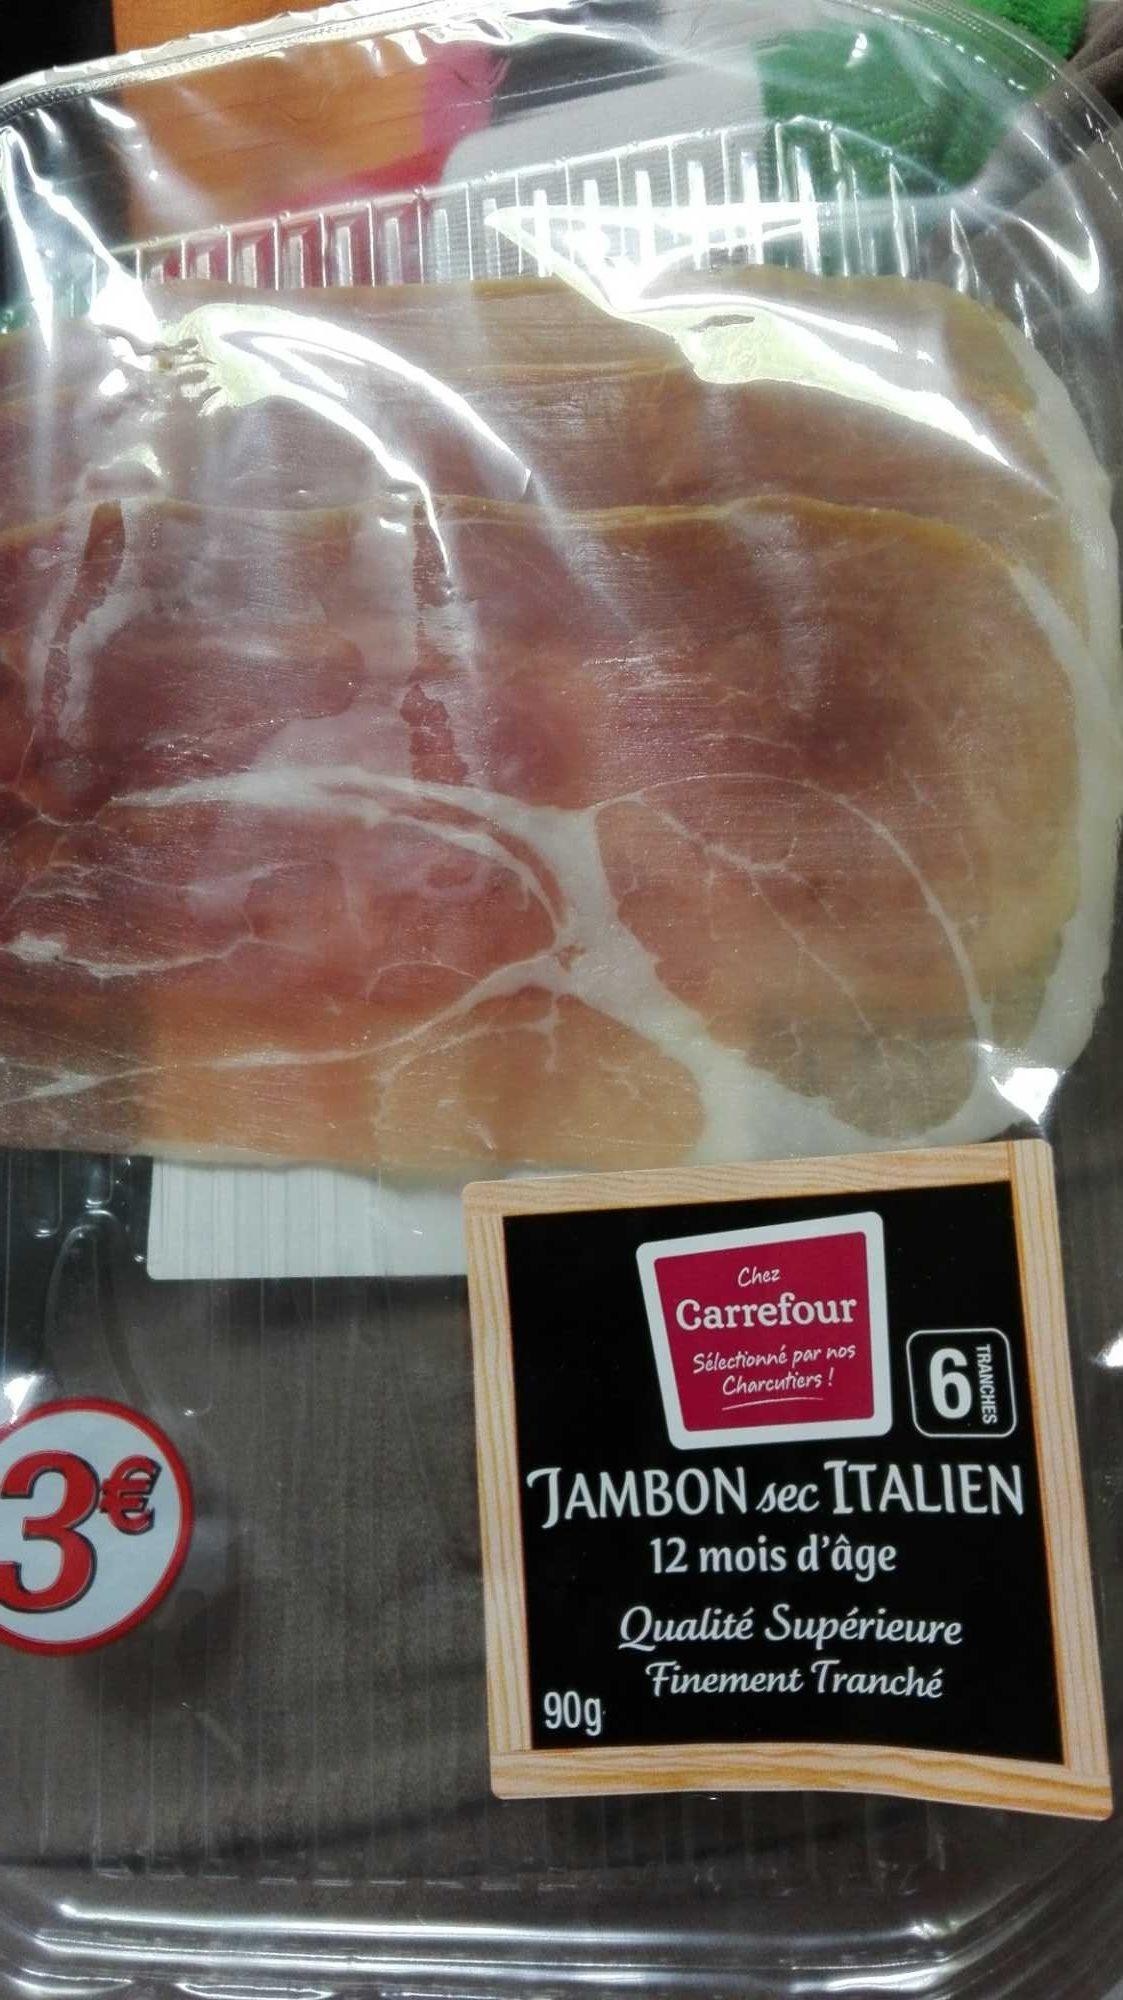 Jambon cru supérieur italien 12 mois d'âge - Produit